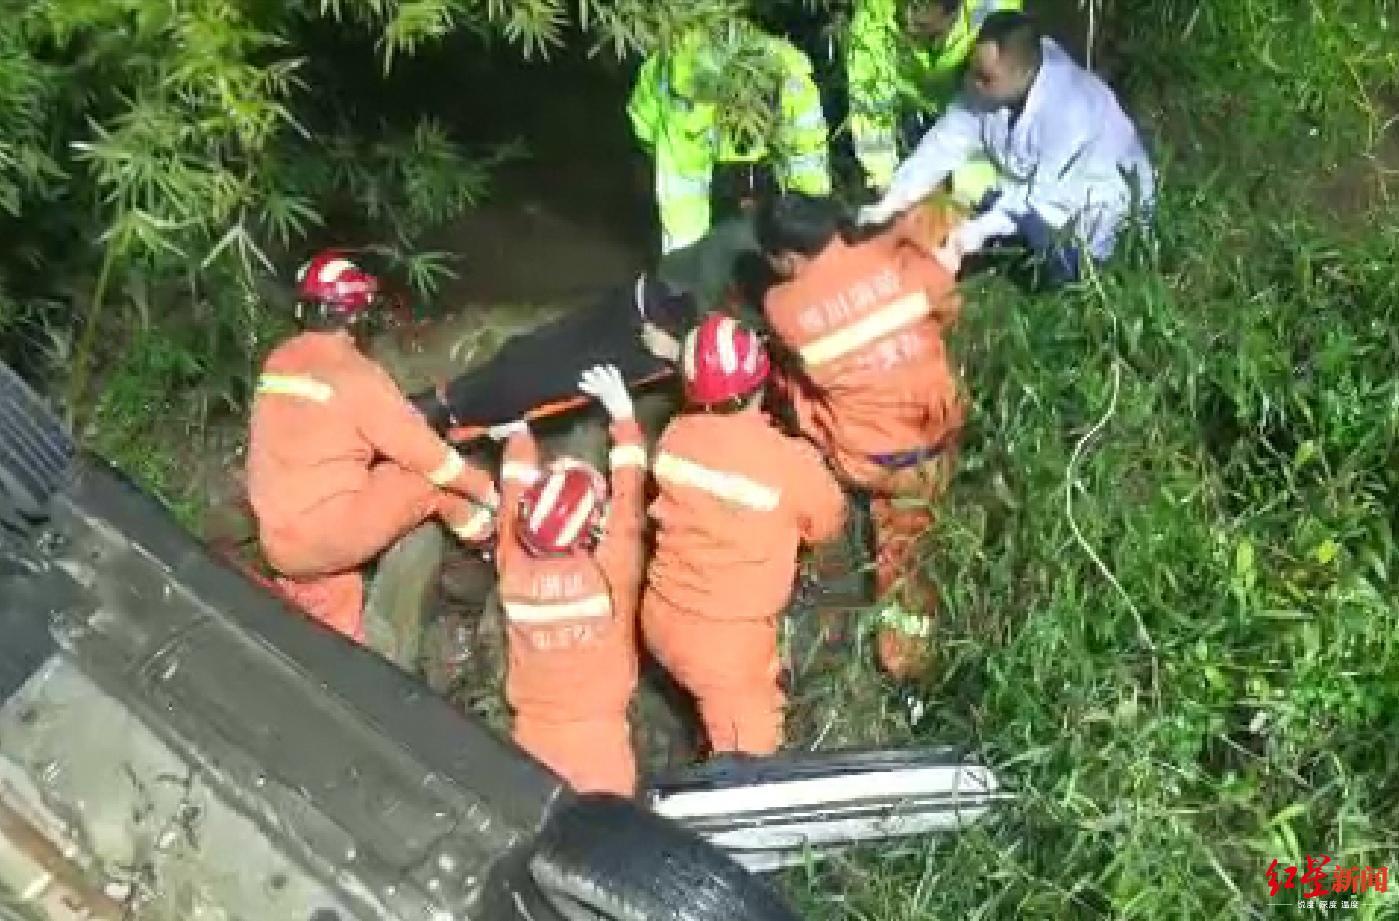 四川乐山一越野车弯道冲进山沟2人受伤司机称刹车和方向盘失灵